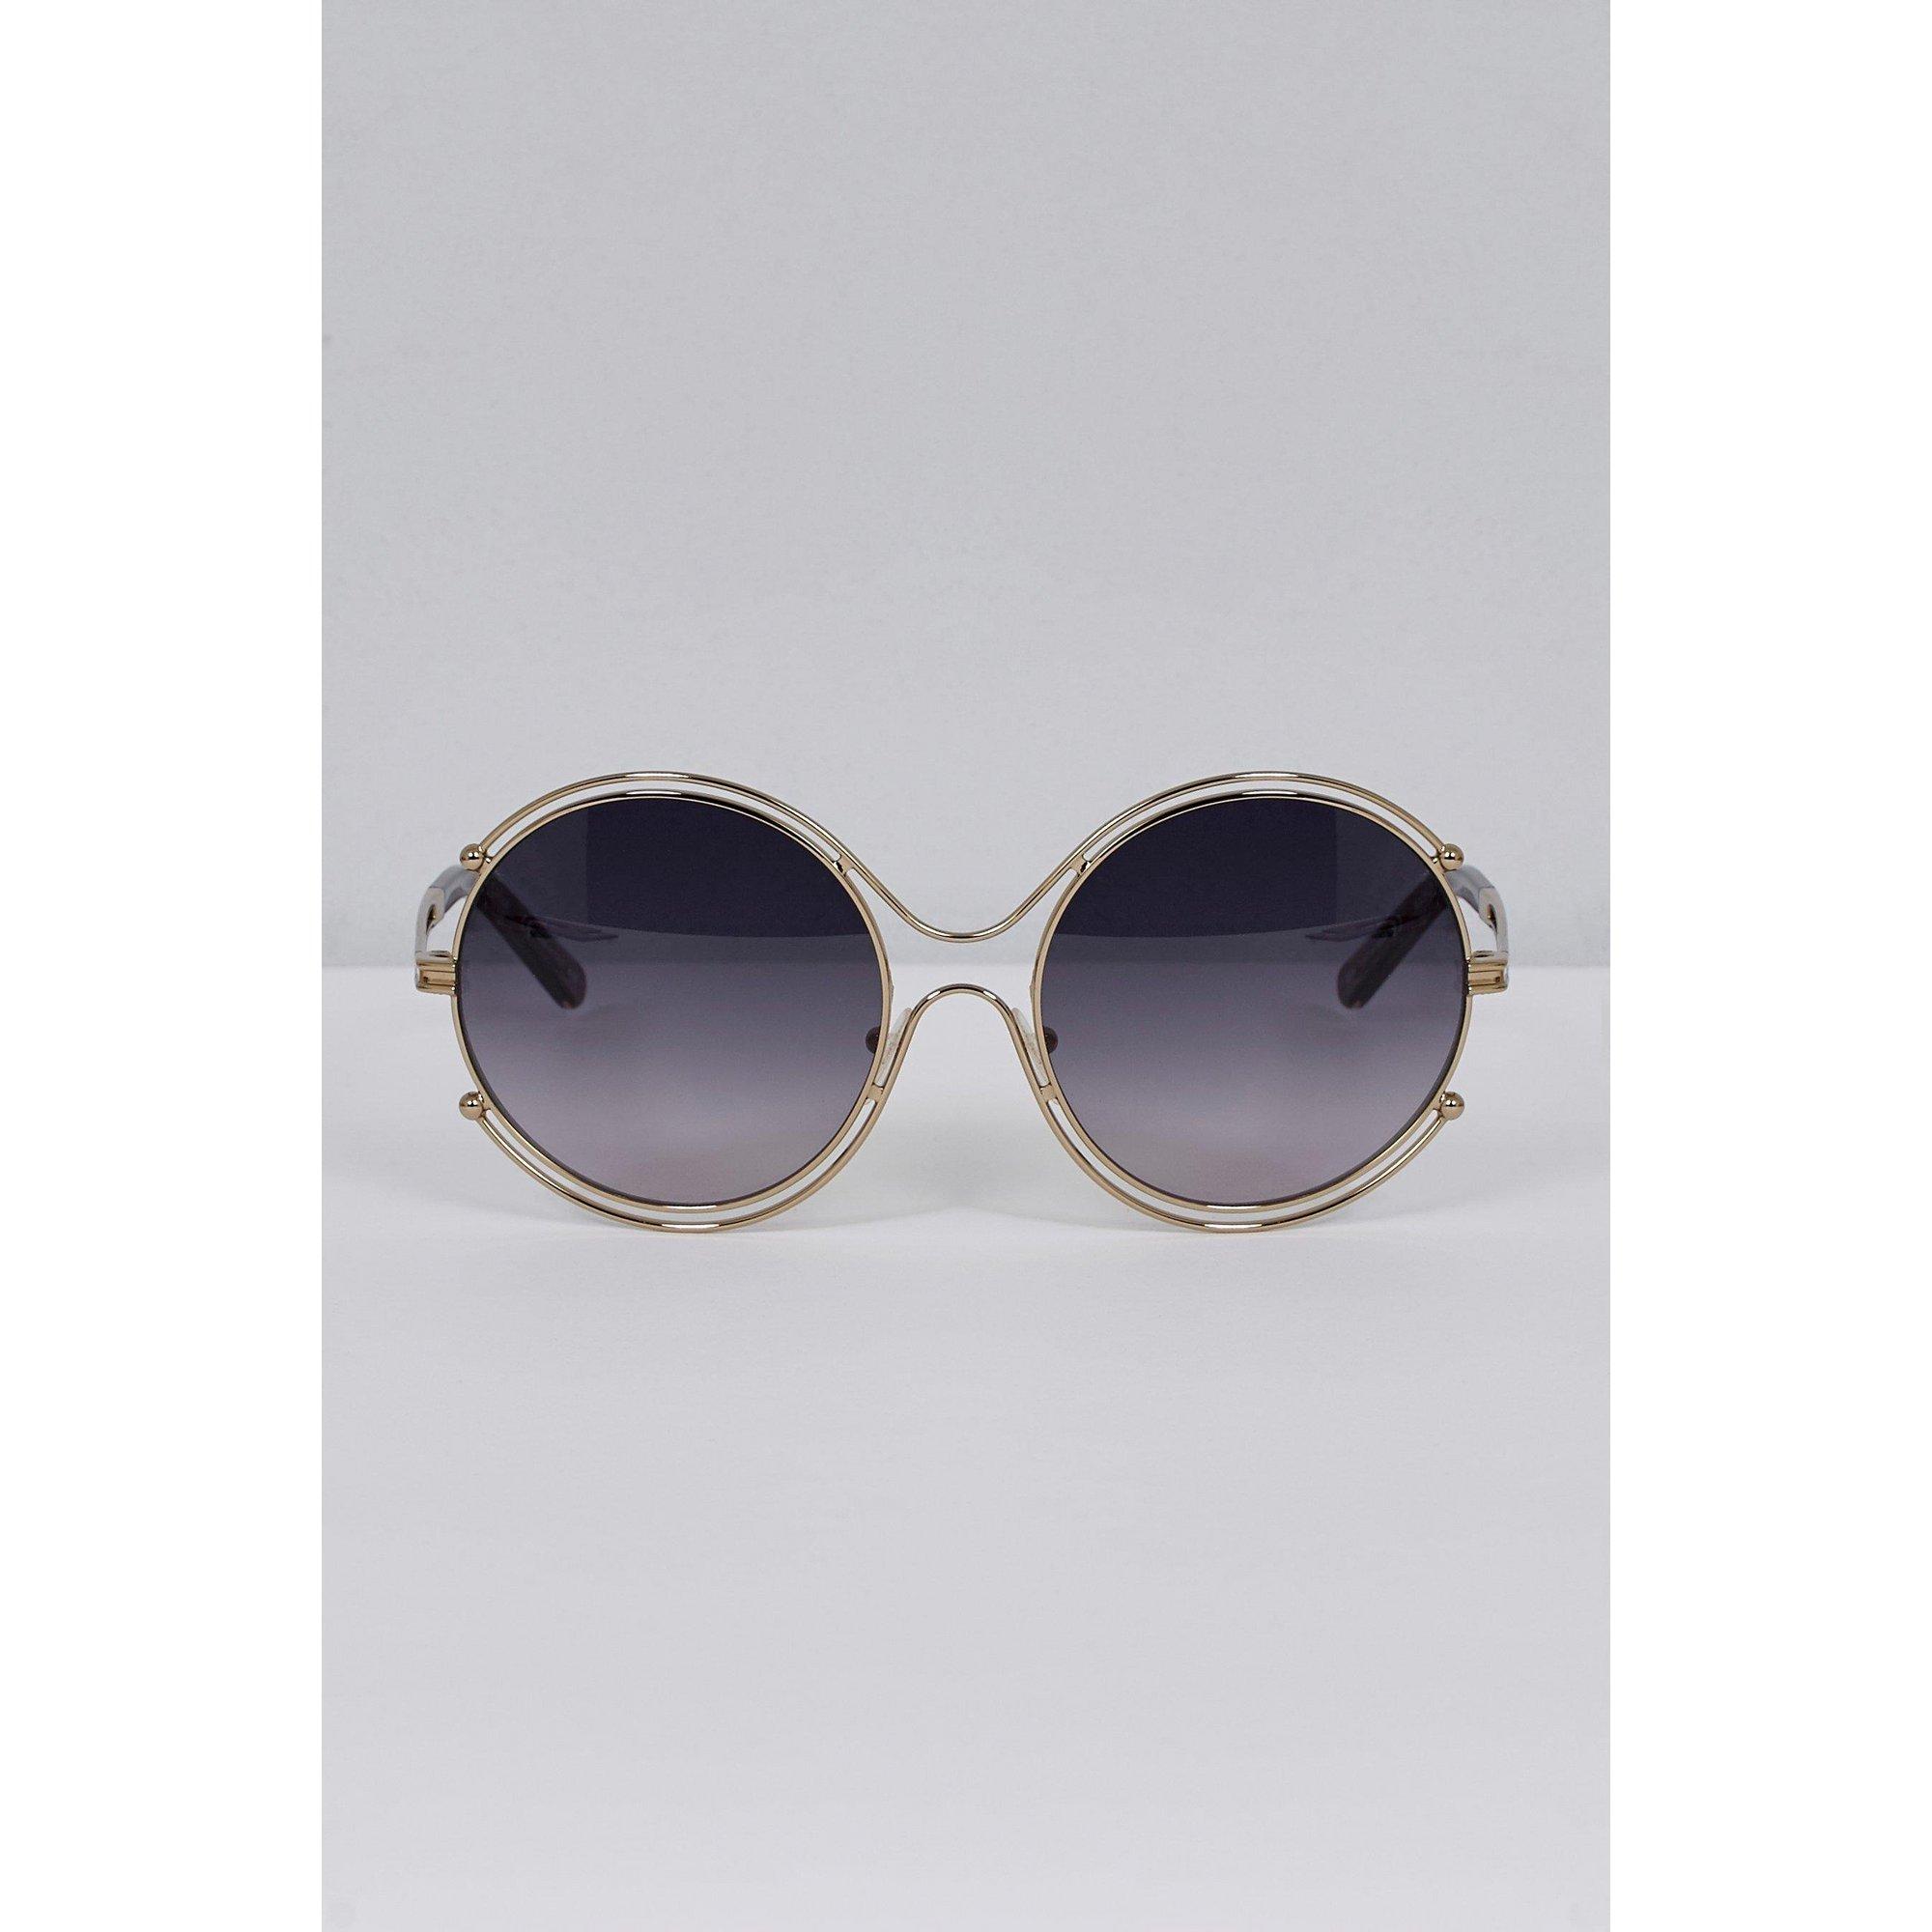 Image of Chloe Isidora Silver Oversized Sunglasses